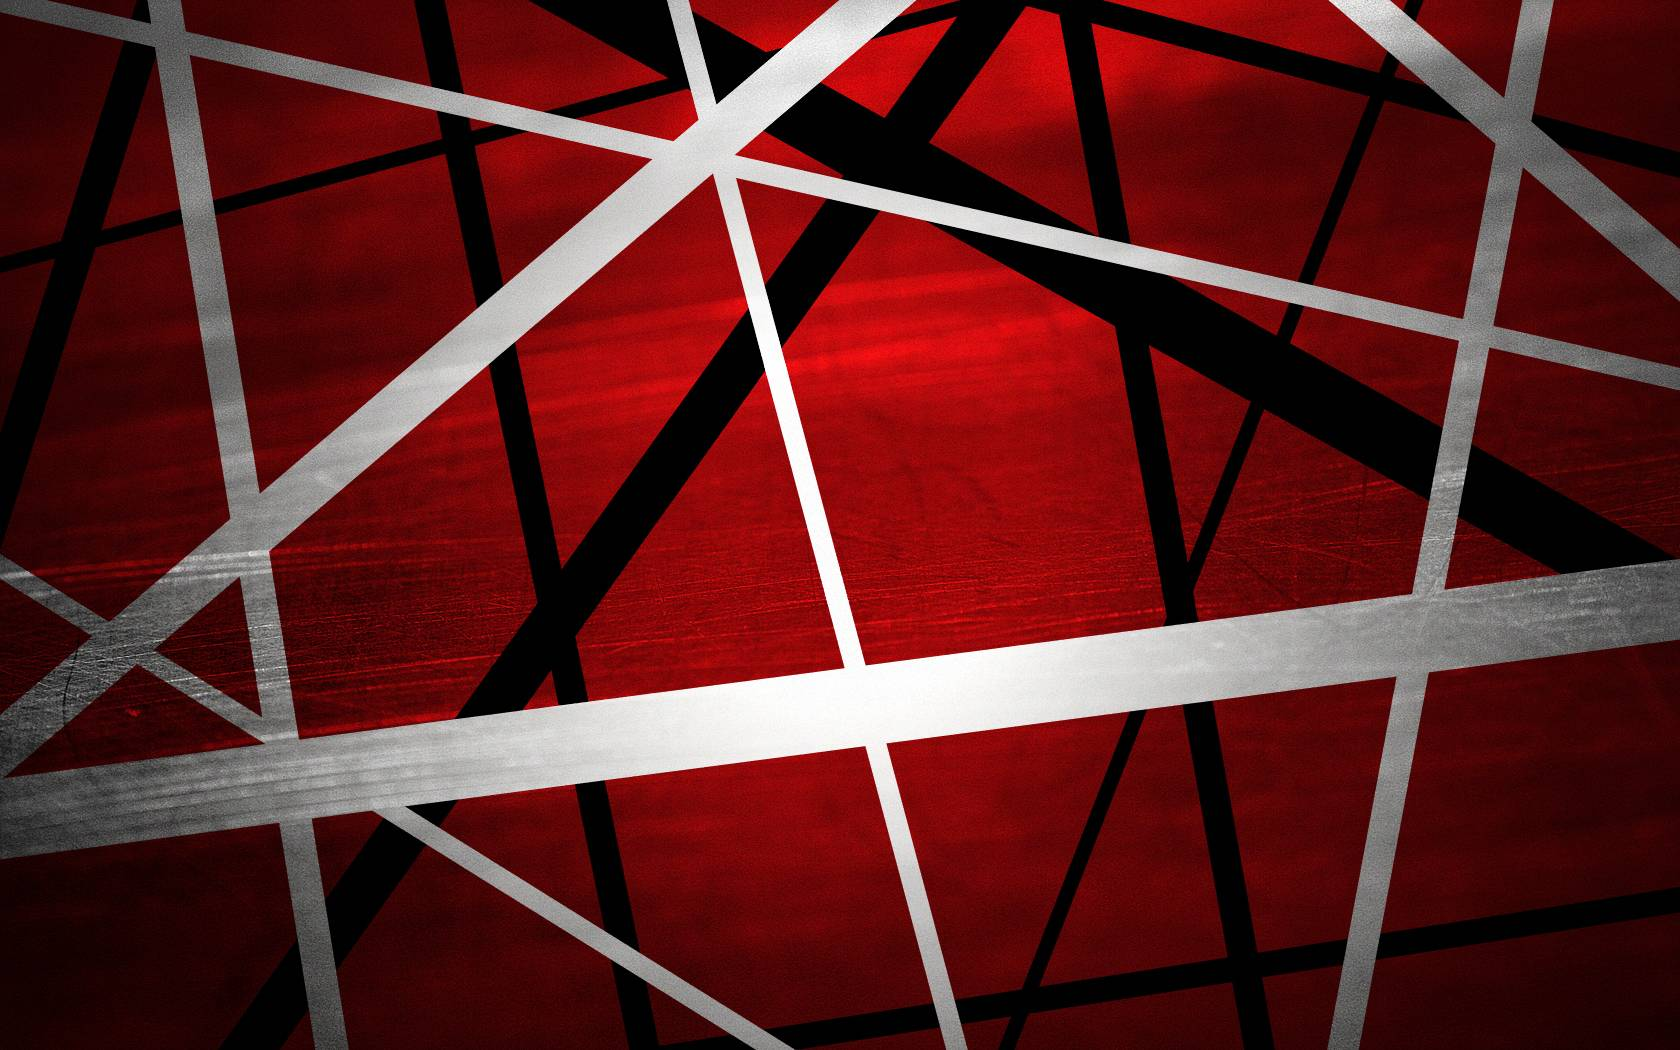 Van Halen Wallpapers 1680x1050